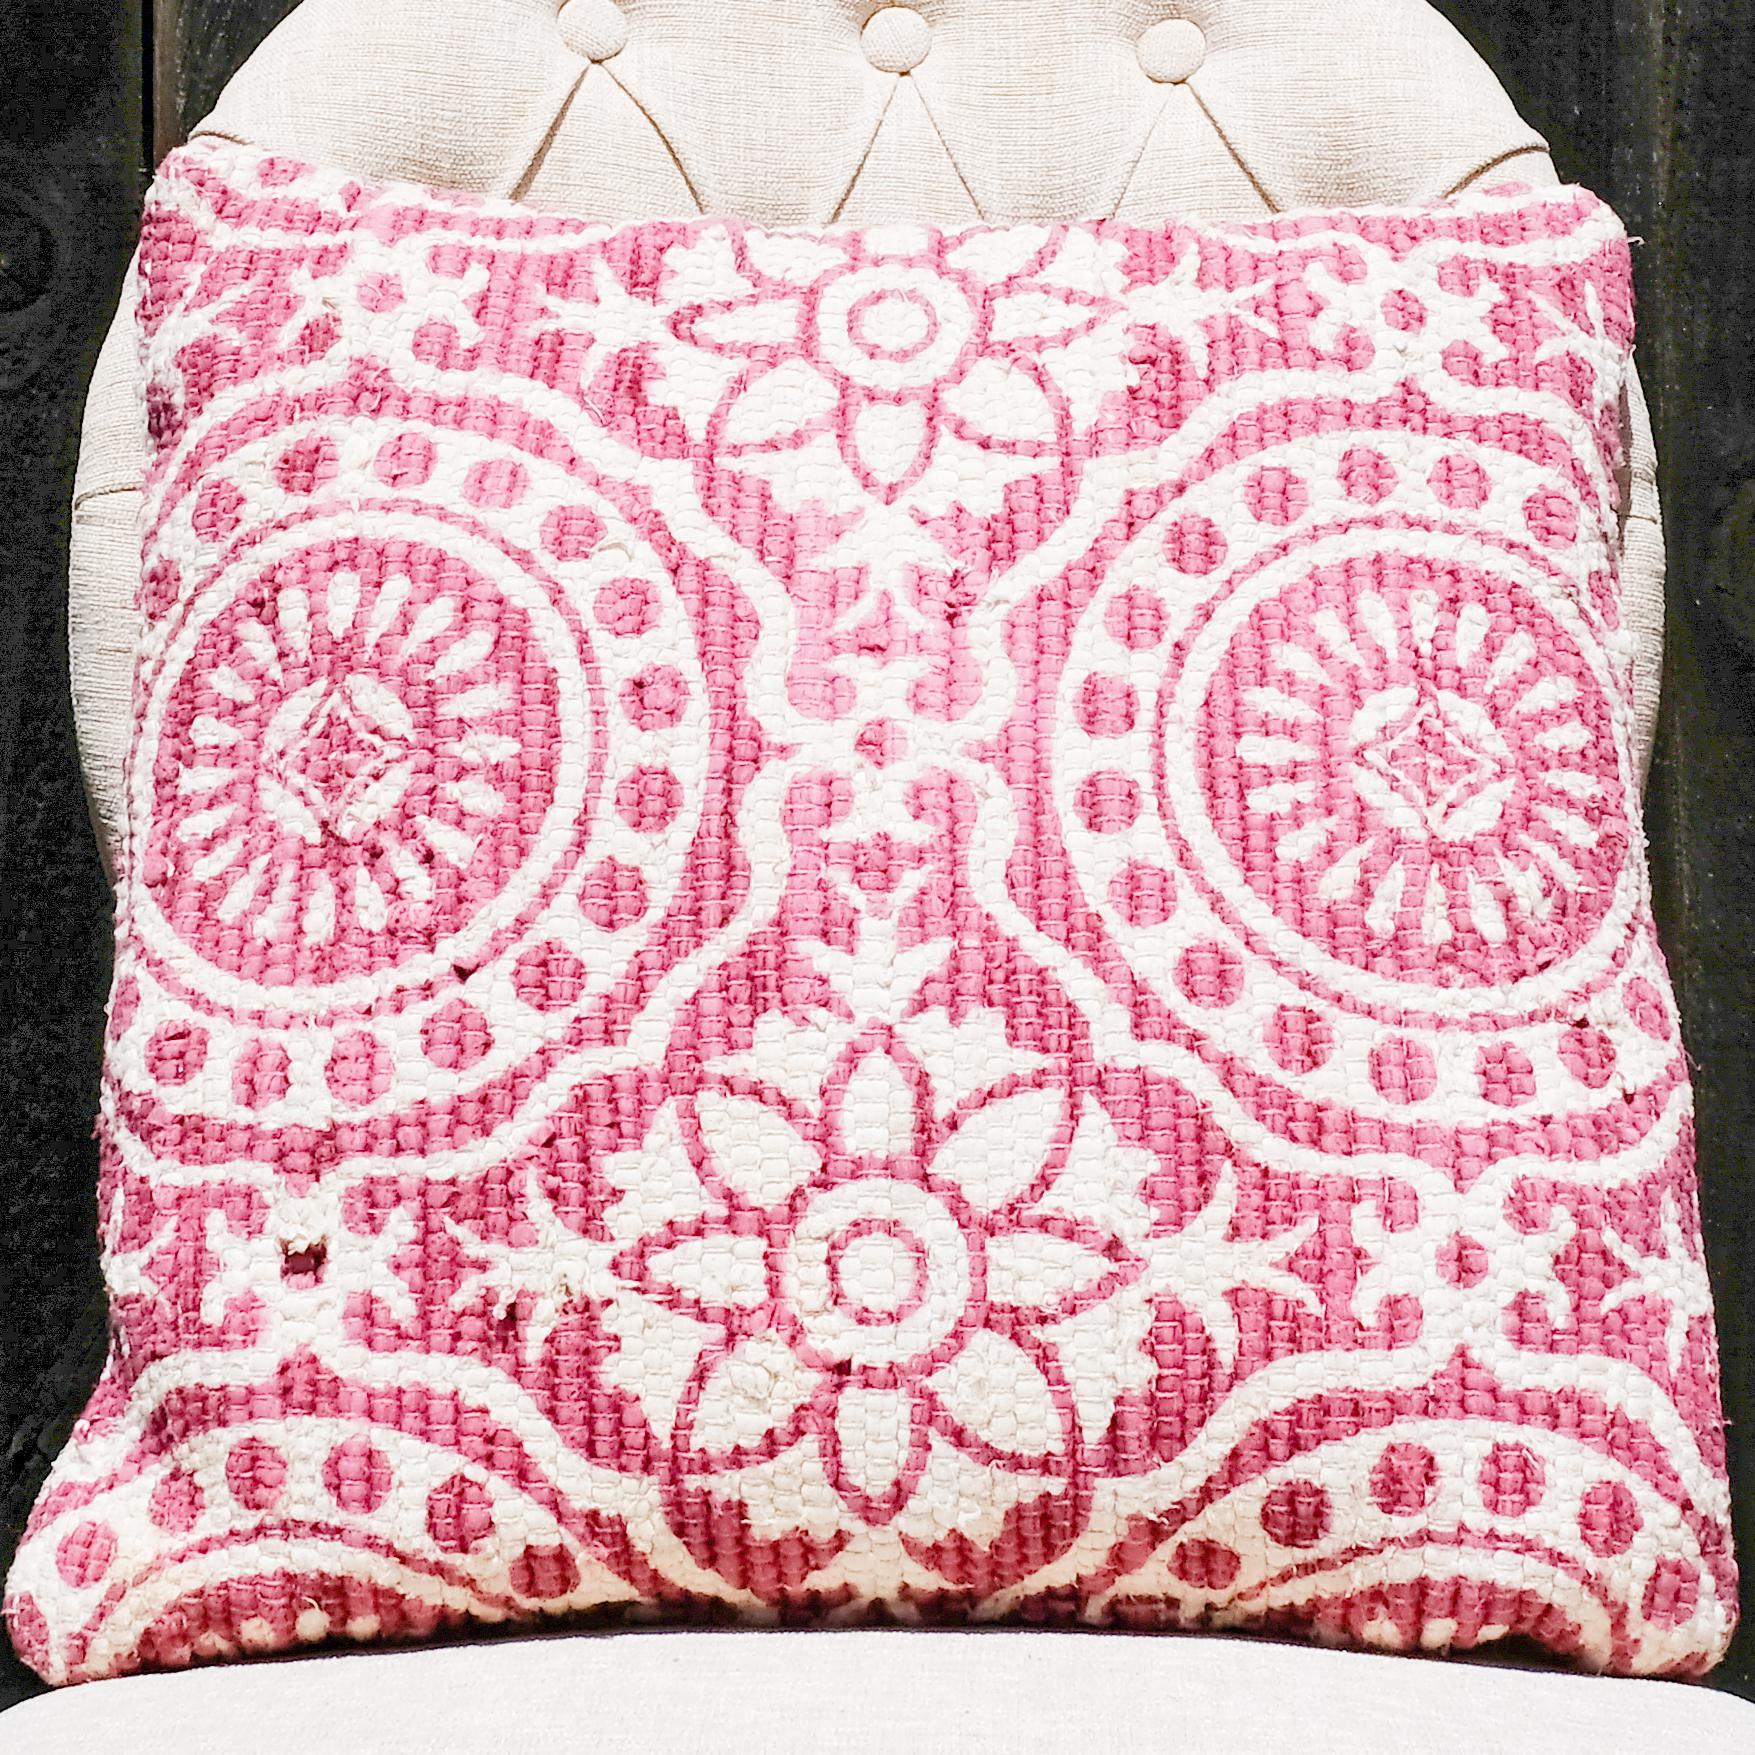 pillows-15.jpg